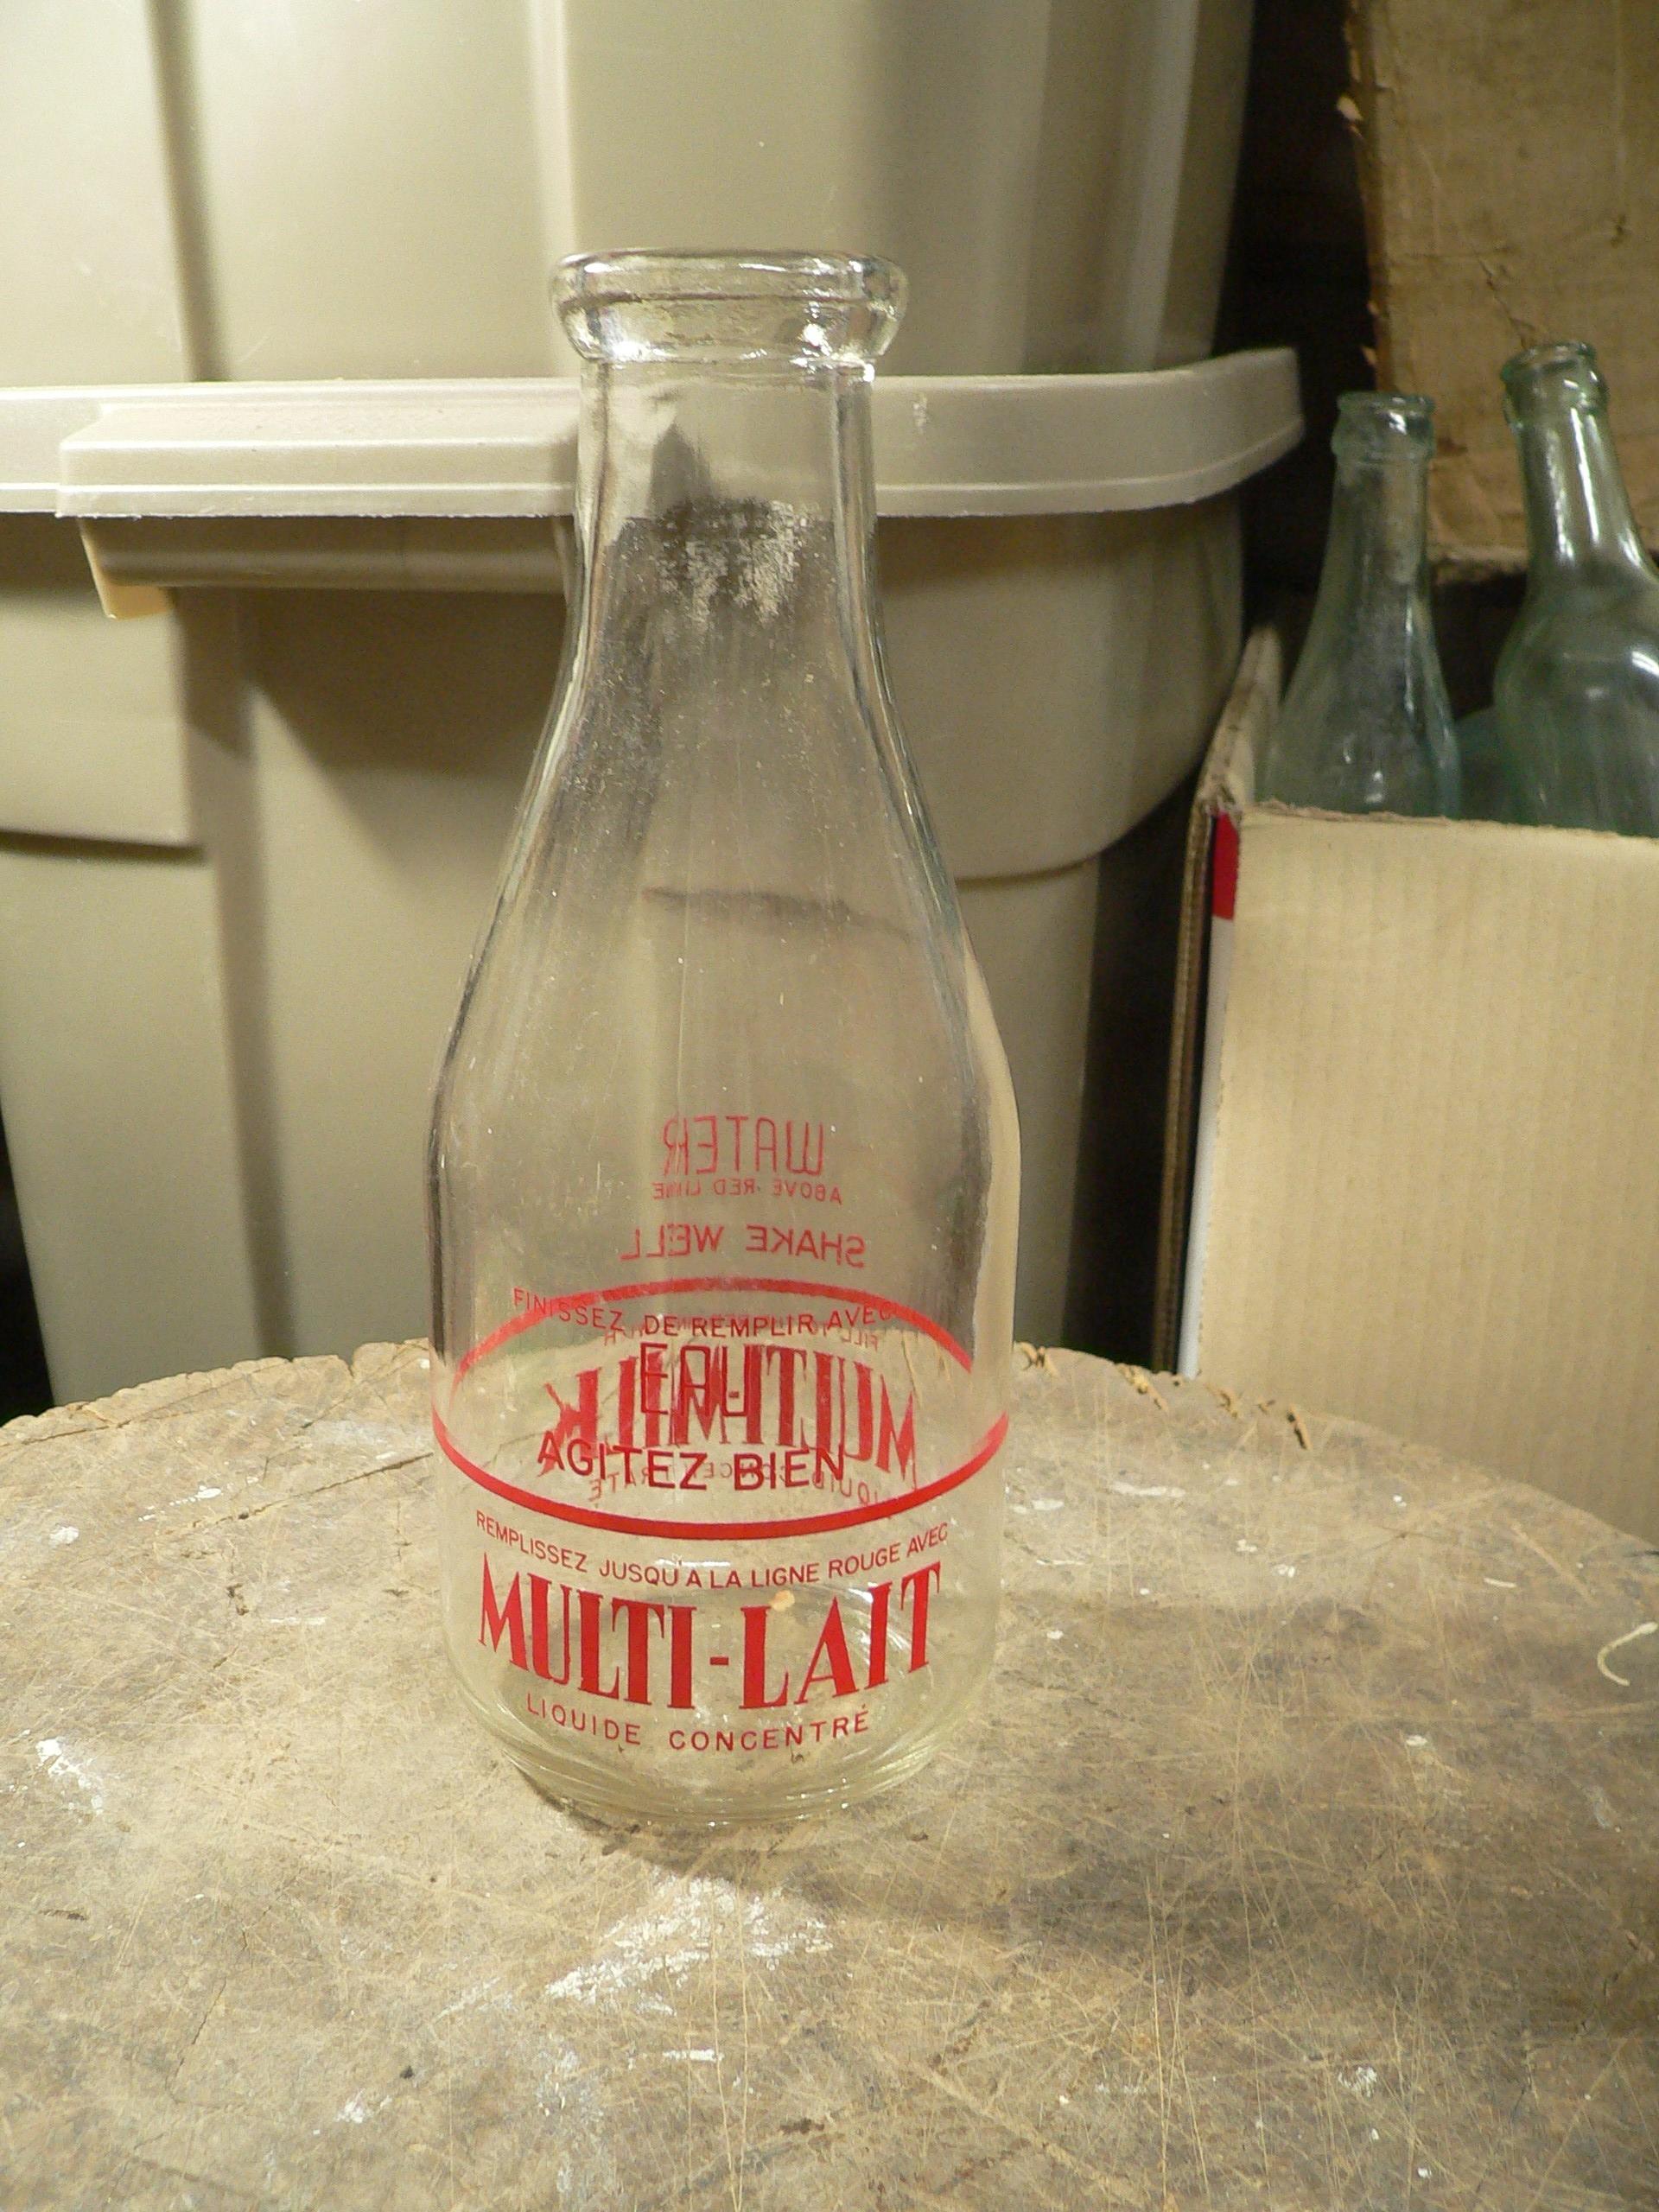 Bouteille antique de lait multi-lait # 7934